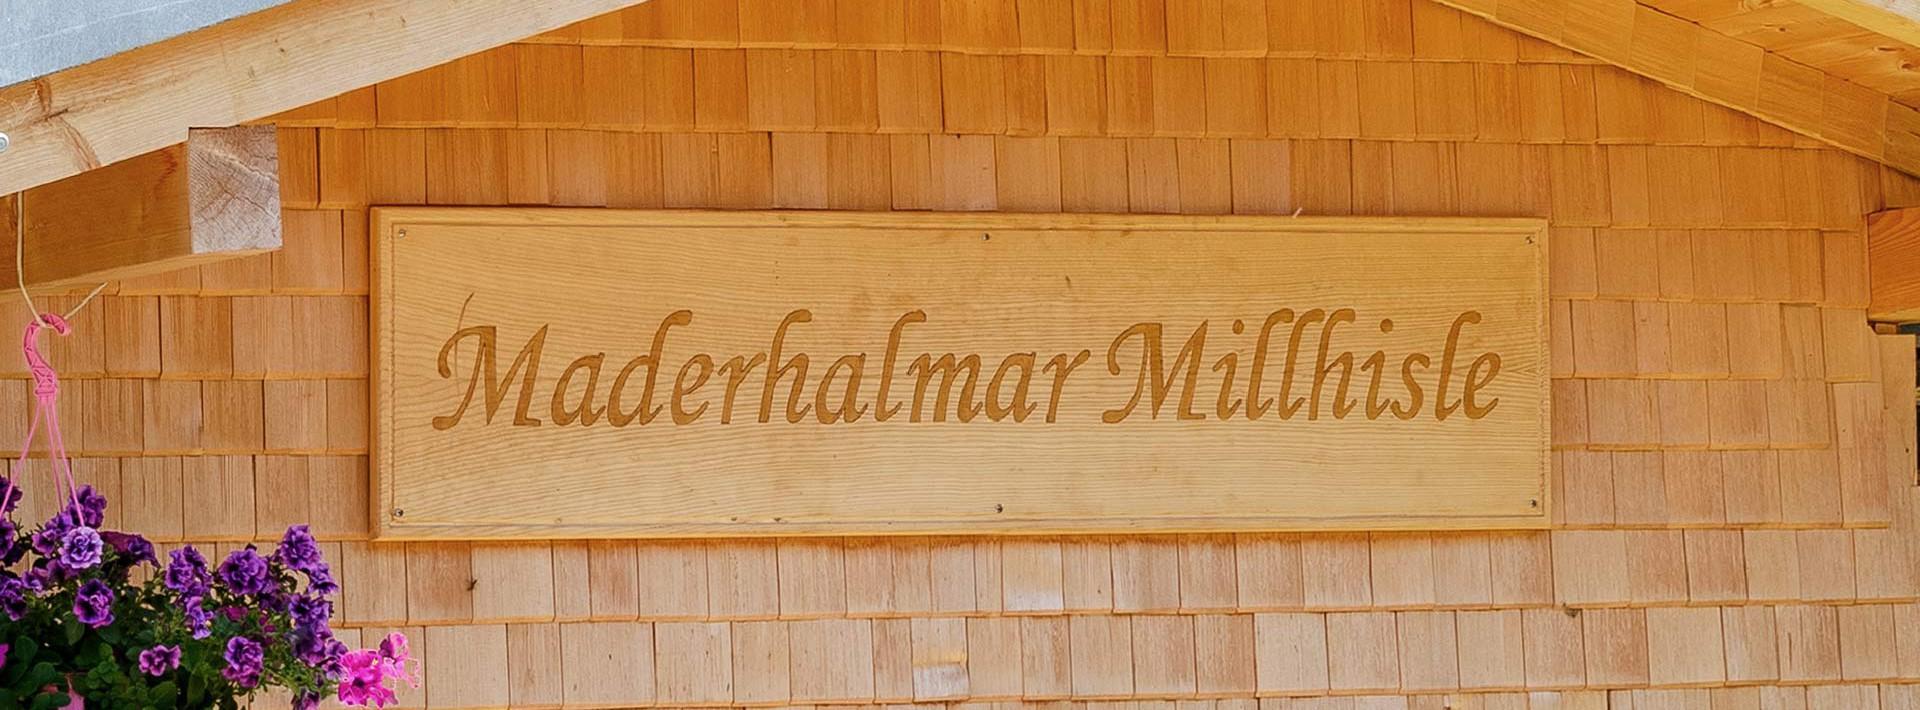 Maderhalmar Millhisle